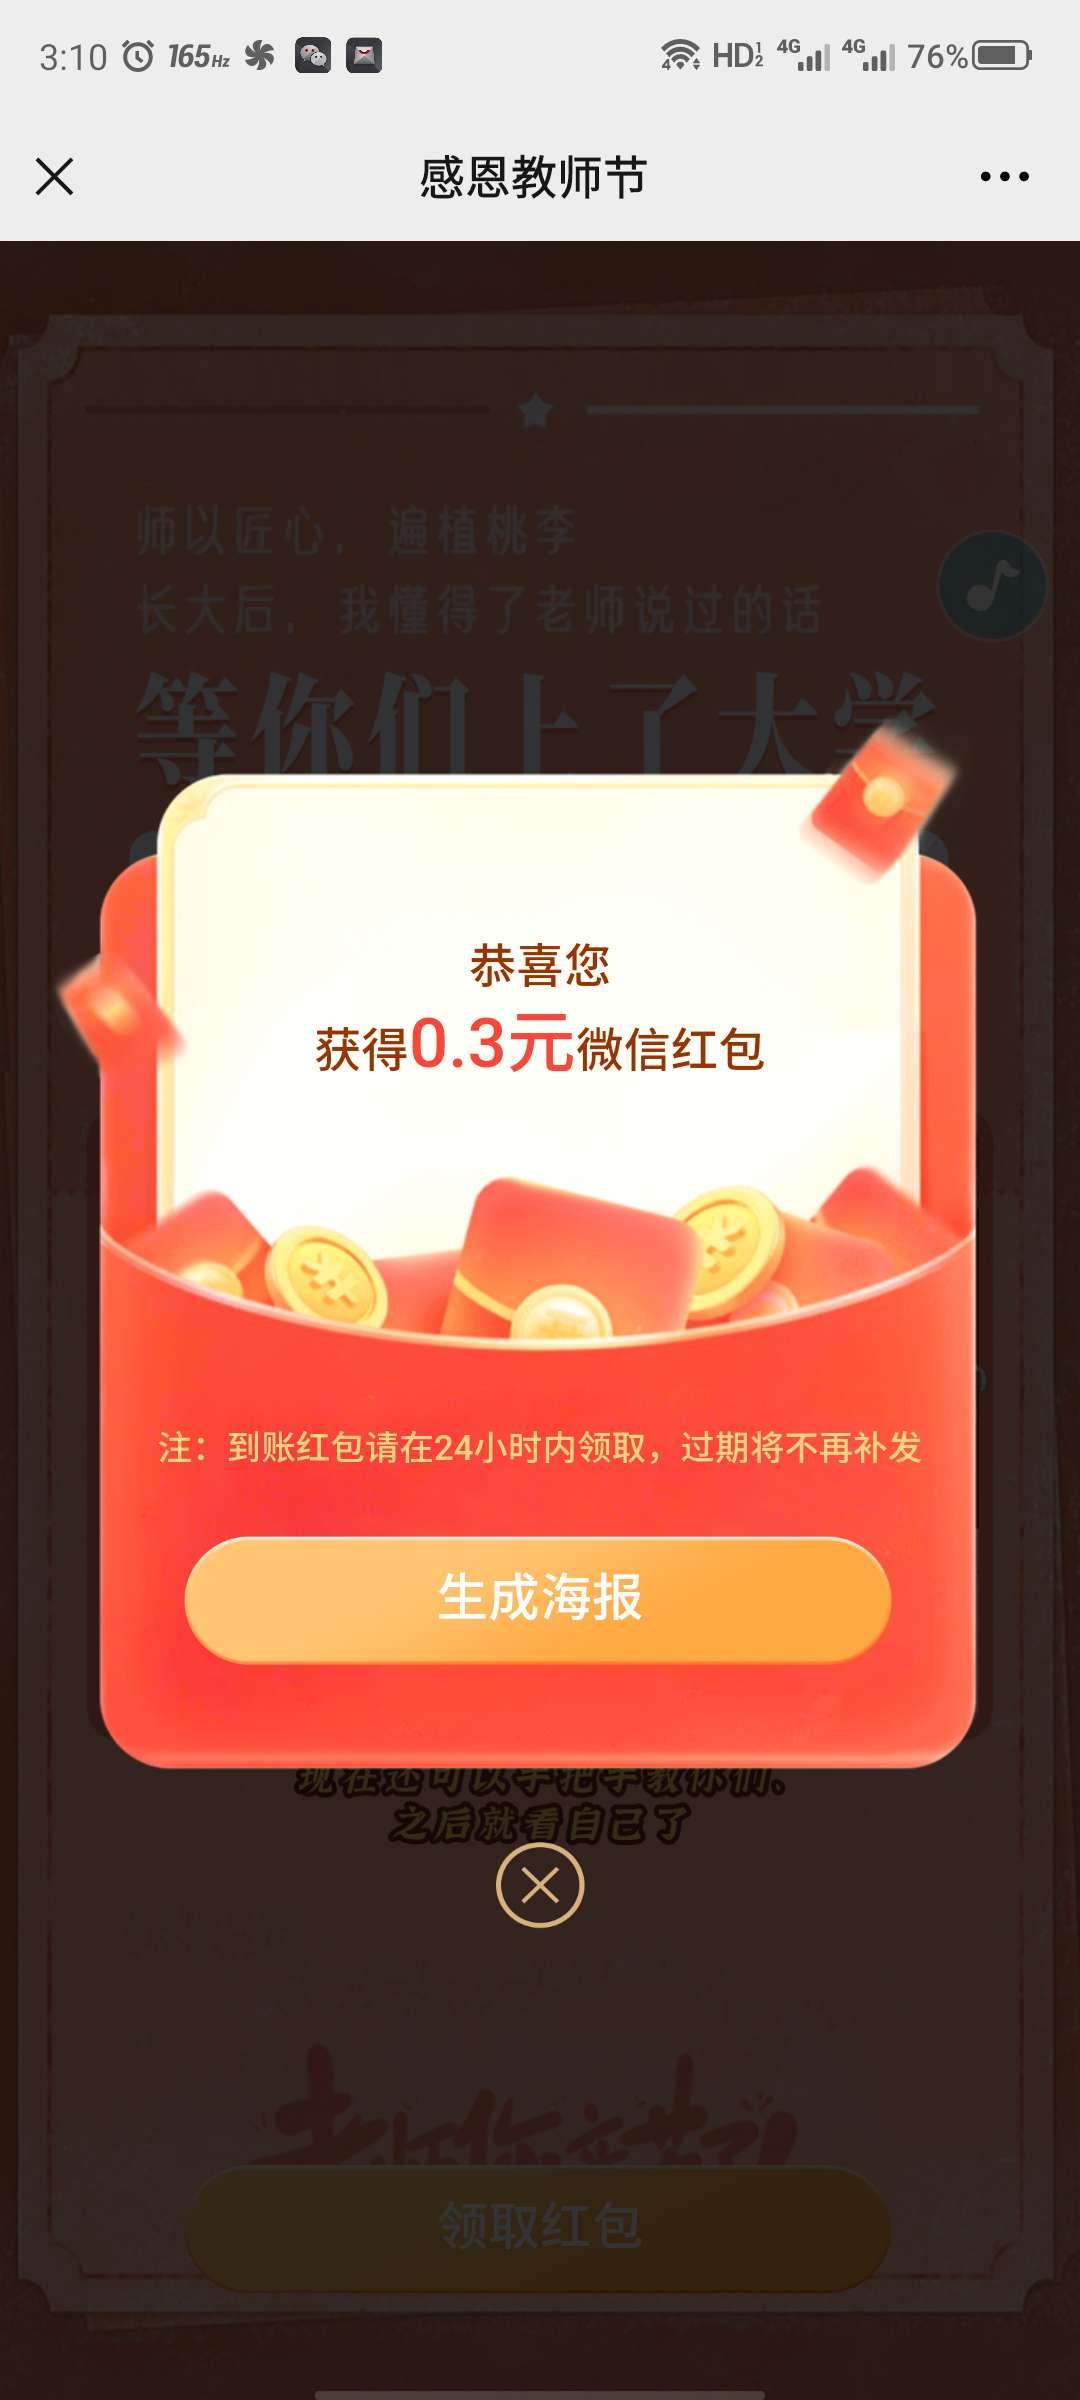 【现金红包】邮政储蓄北分温情献礼接受红包插图3